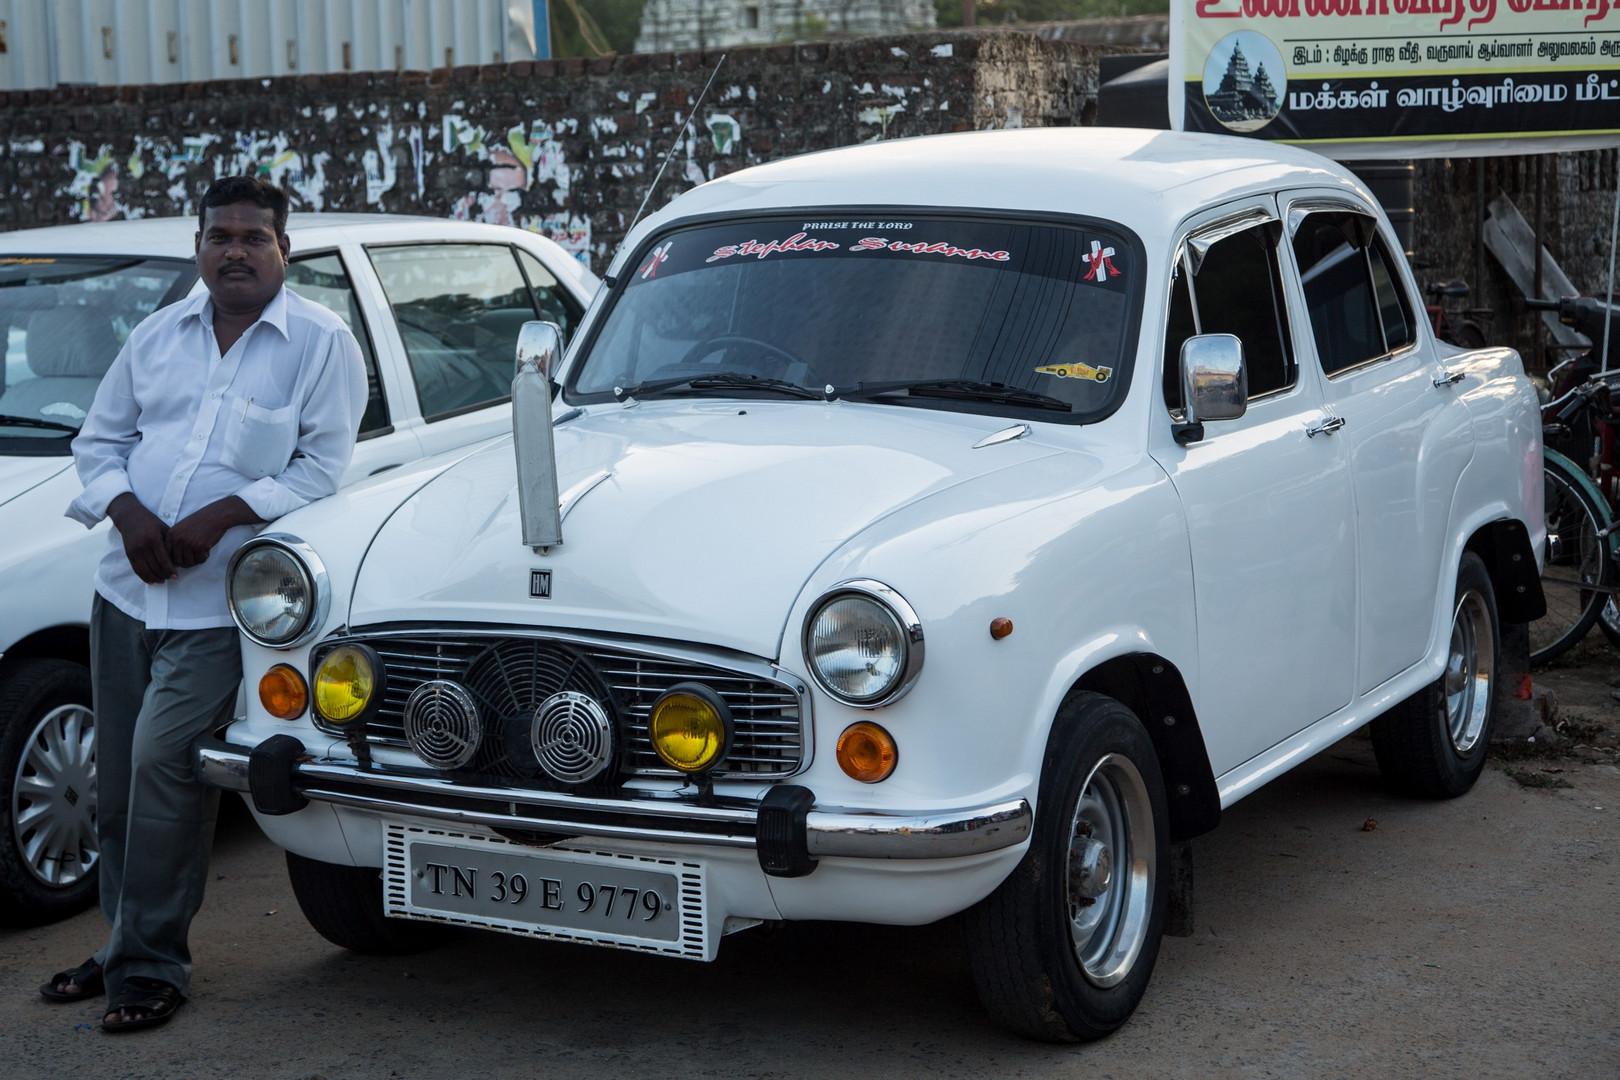 Ce taxi Ambassador nous a emmené à l'aéroport de Chennai.